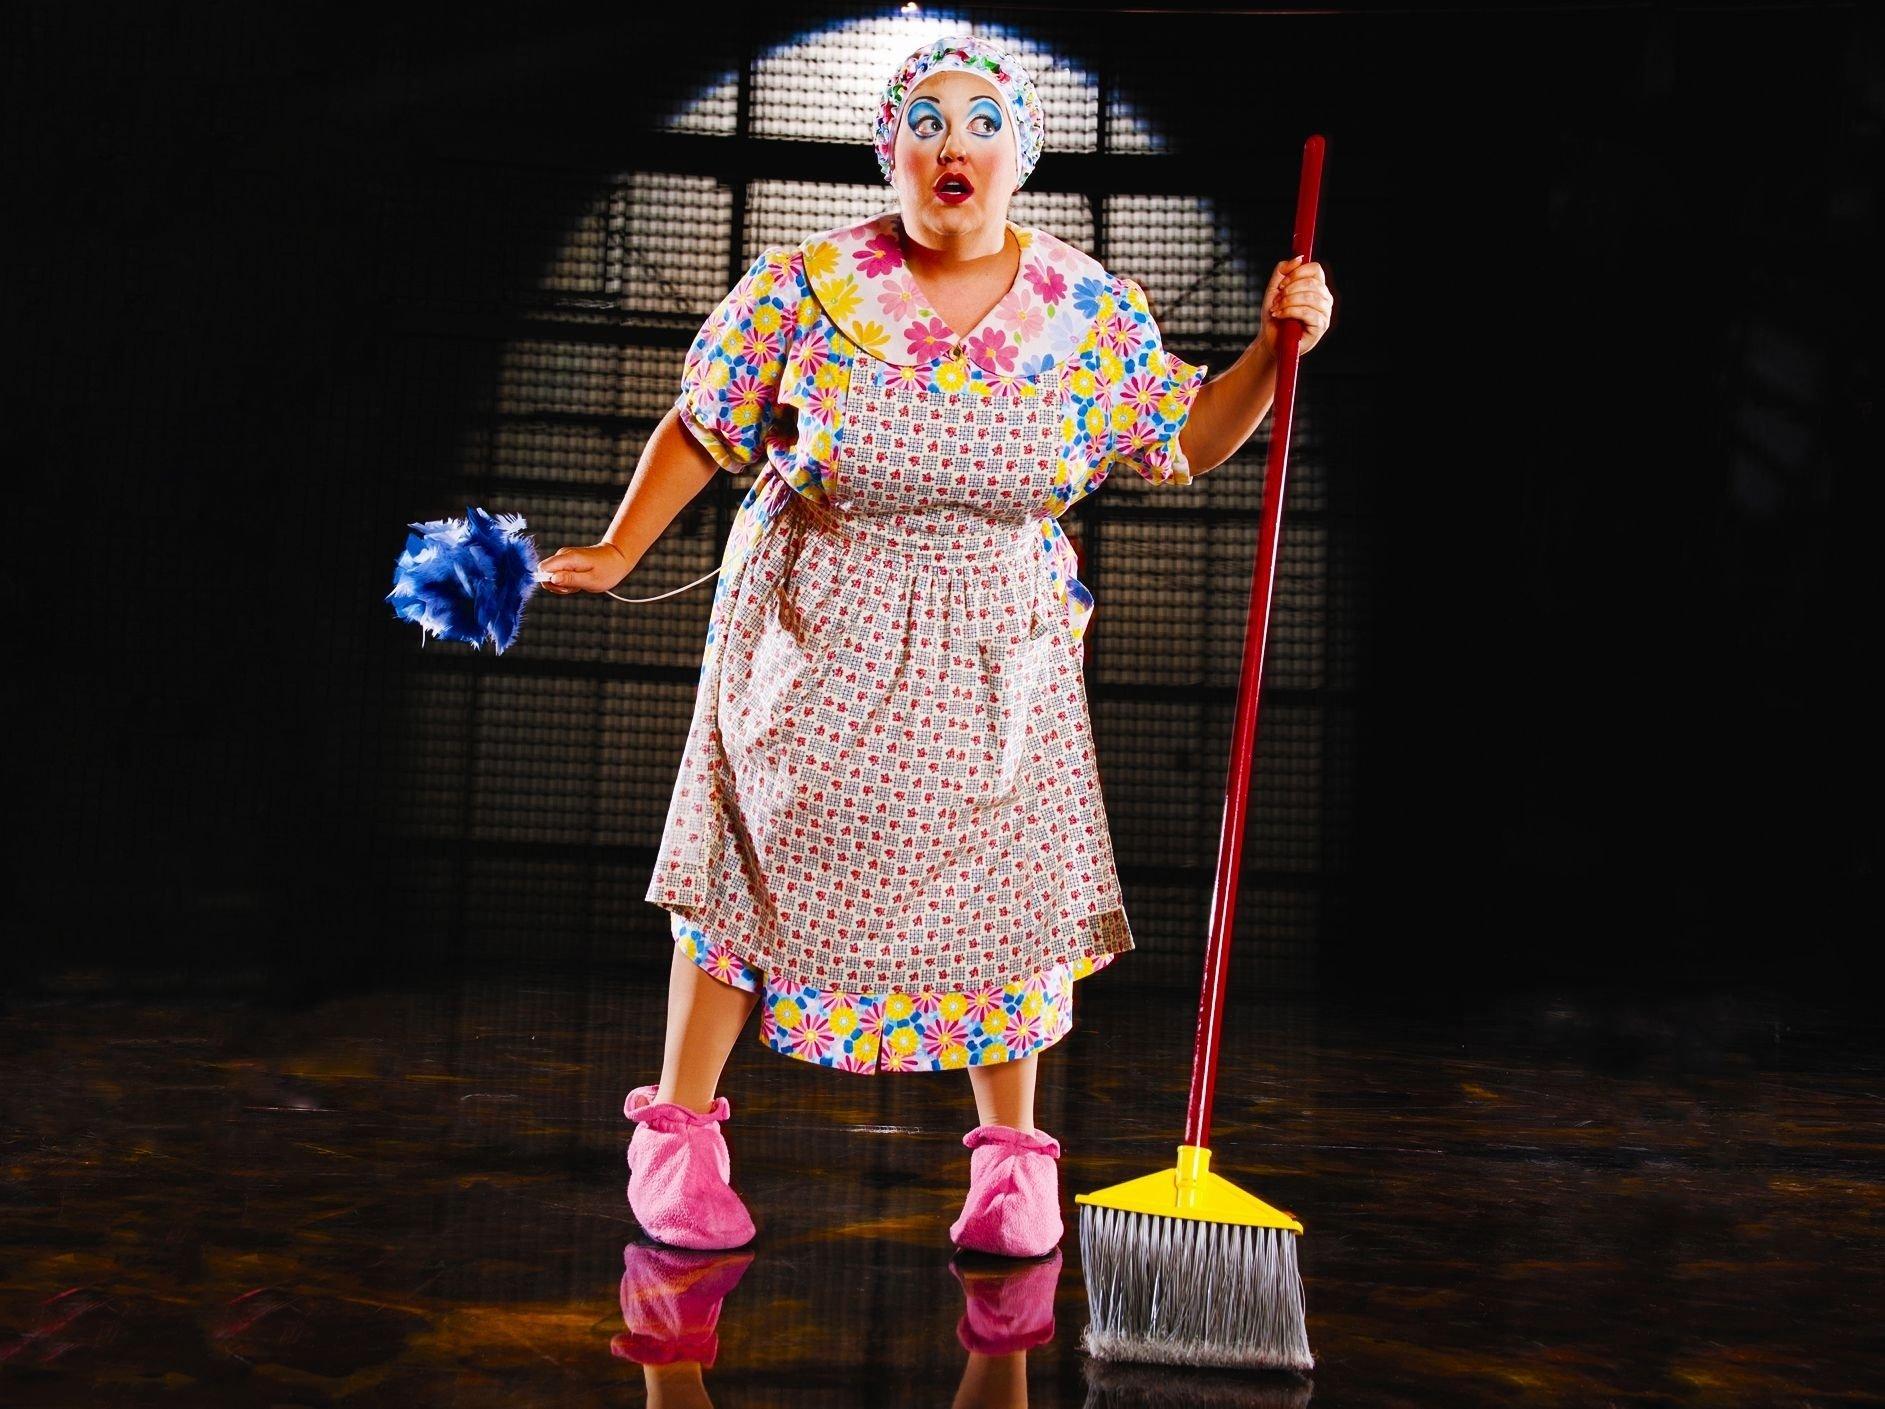 10 Famous Cirque Du Soleil Costume Ideas answer the call of adventure la noubacirque du soleil cirque 2021